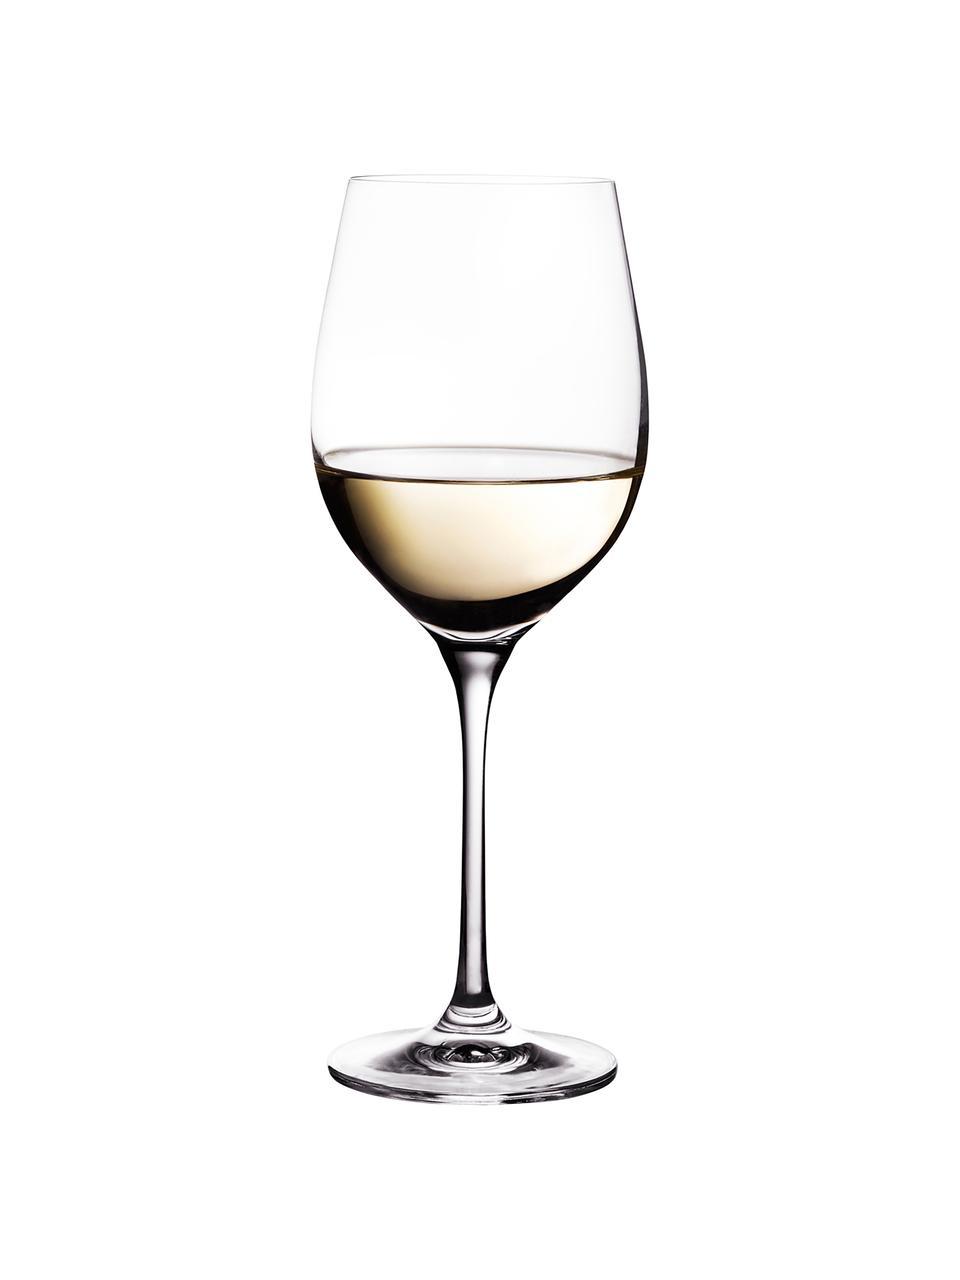 Witte wijnglazen Harmony gemaakt van kristalglas, 6 stuks, Edele glans - het kristalglas breekt het licht en dit creëert een sprankelend effect, waardoor elk wijnglas als  een bijzonder moment kan worden ervaren., Transparant, Ø 9 x H 22 cm